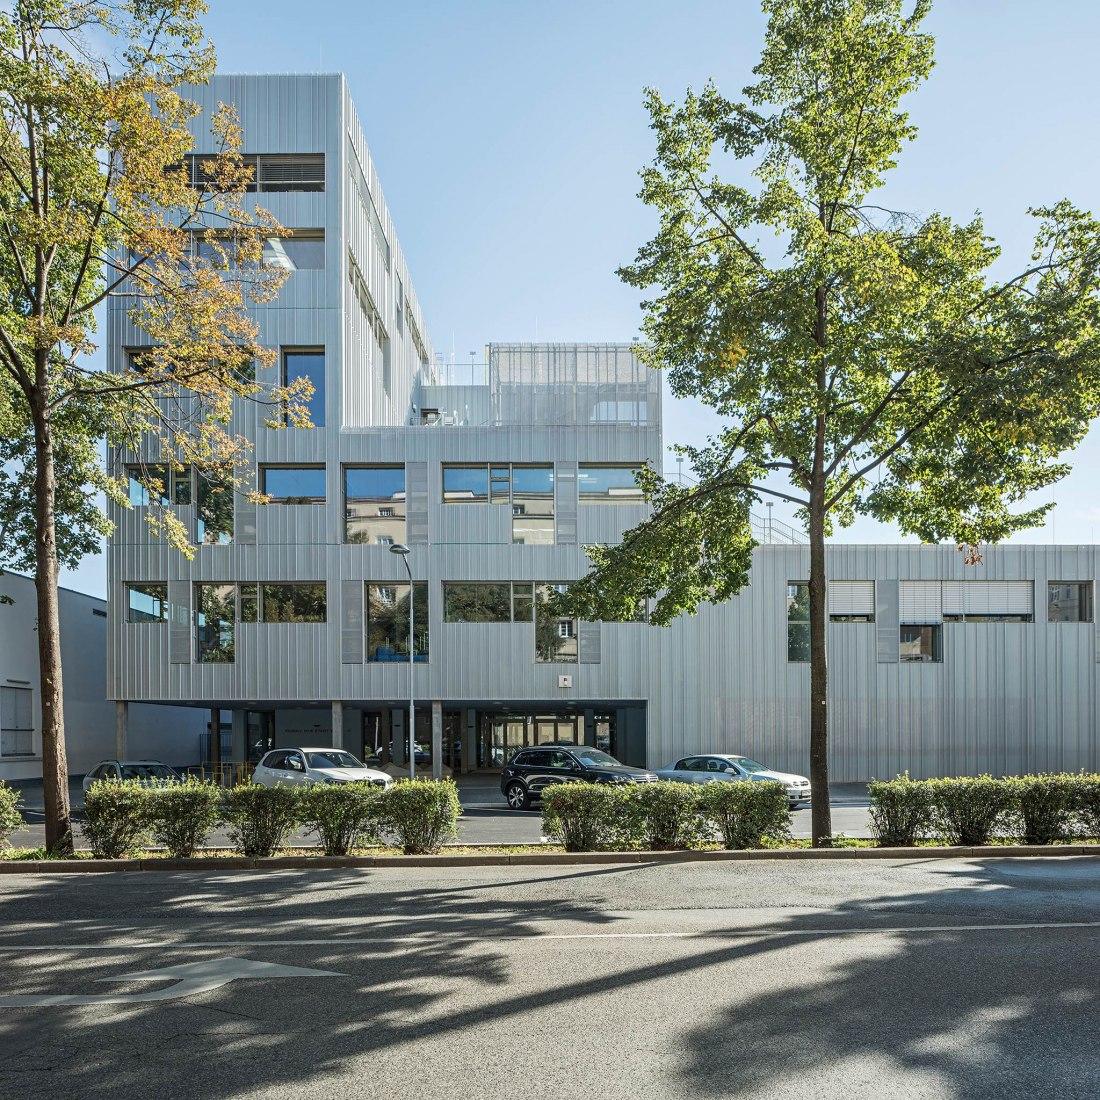 Escuela primaria y profesional Längenfeldgasse por PPAG architects. Fotografía por Hertha Hurnaus.